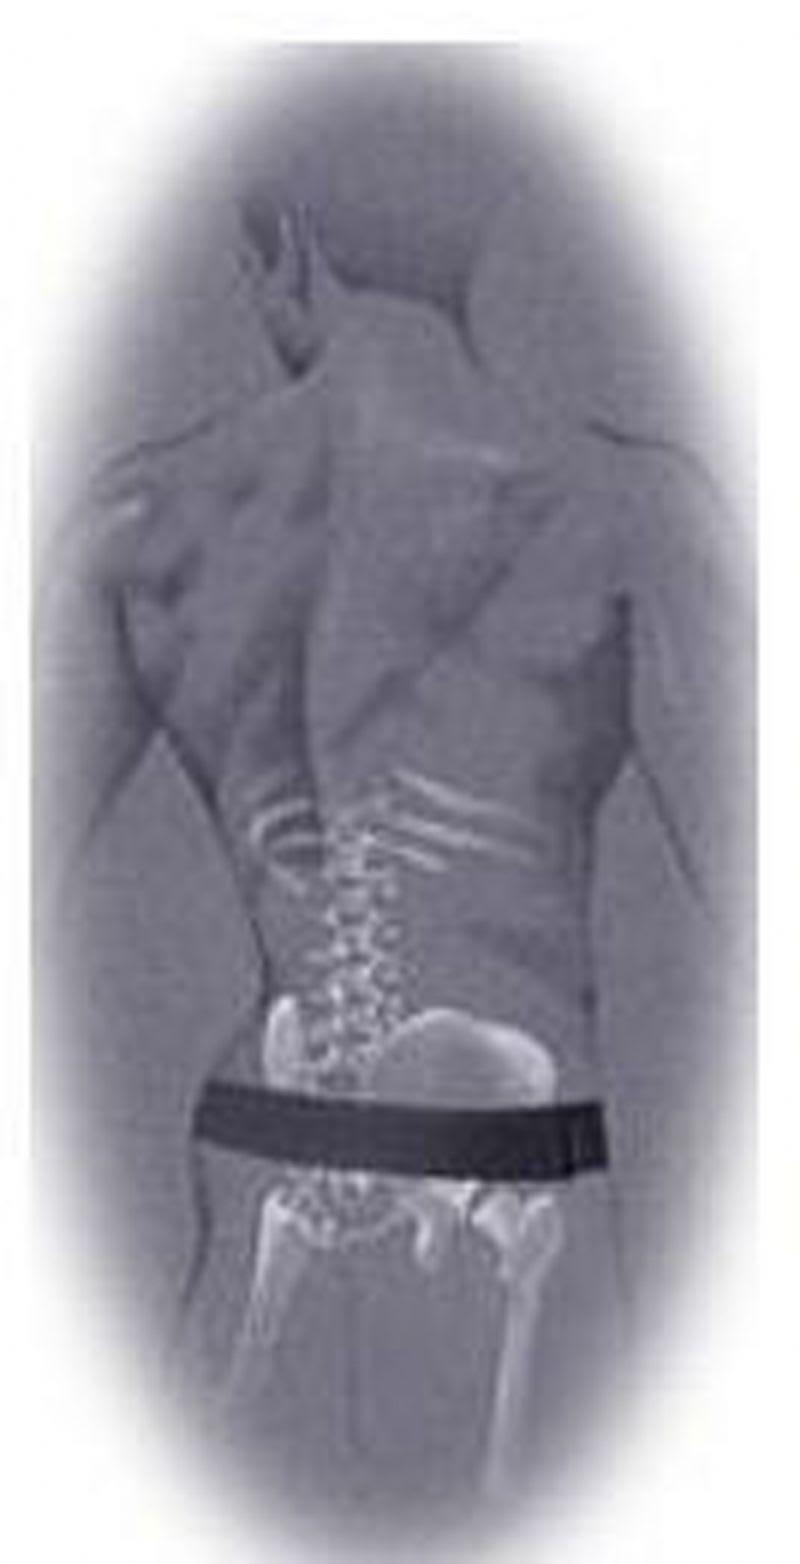 SM.Serola spine